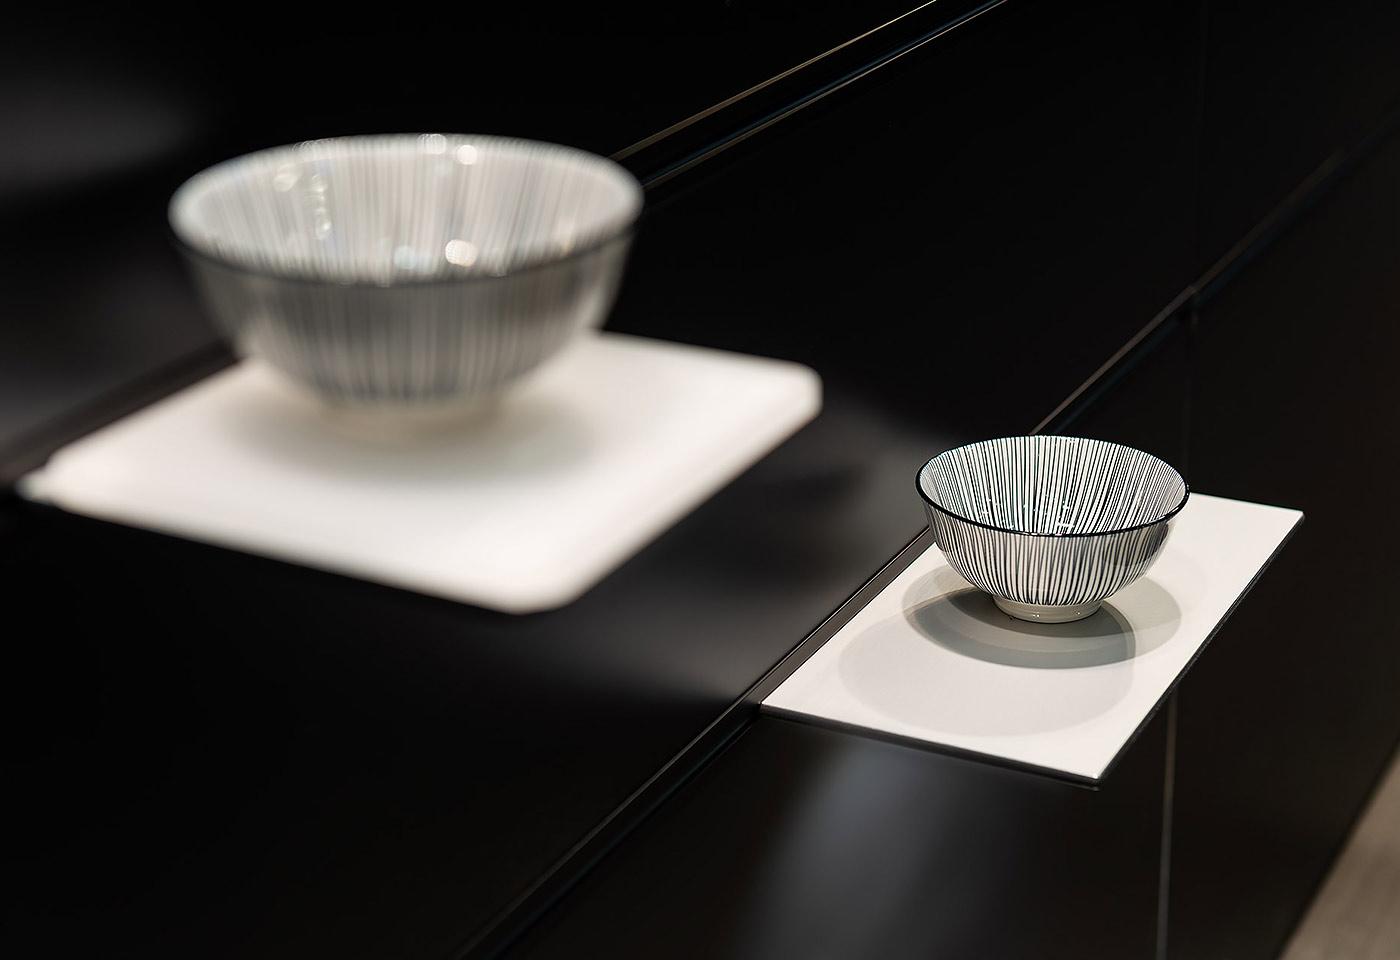 Die Tablare können als Ablagefläche für Gegenstände benutzt werden und dienen somit als Regal im Wohnzimmer.